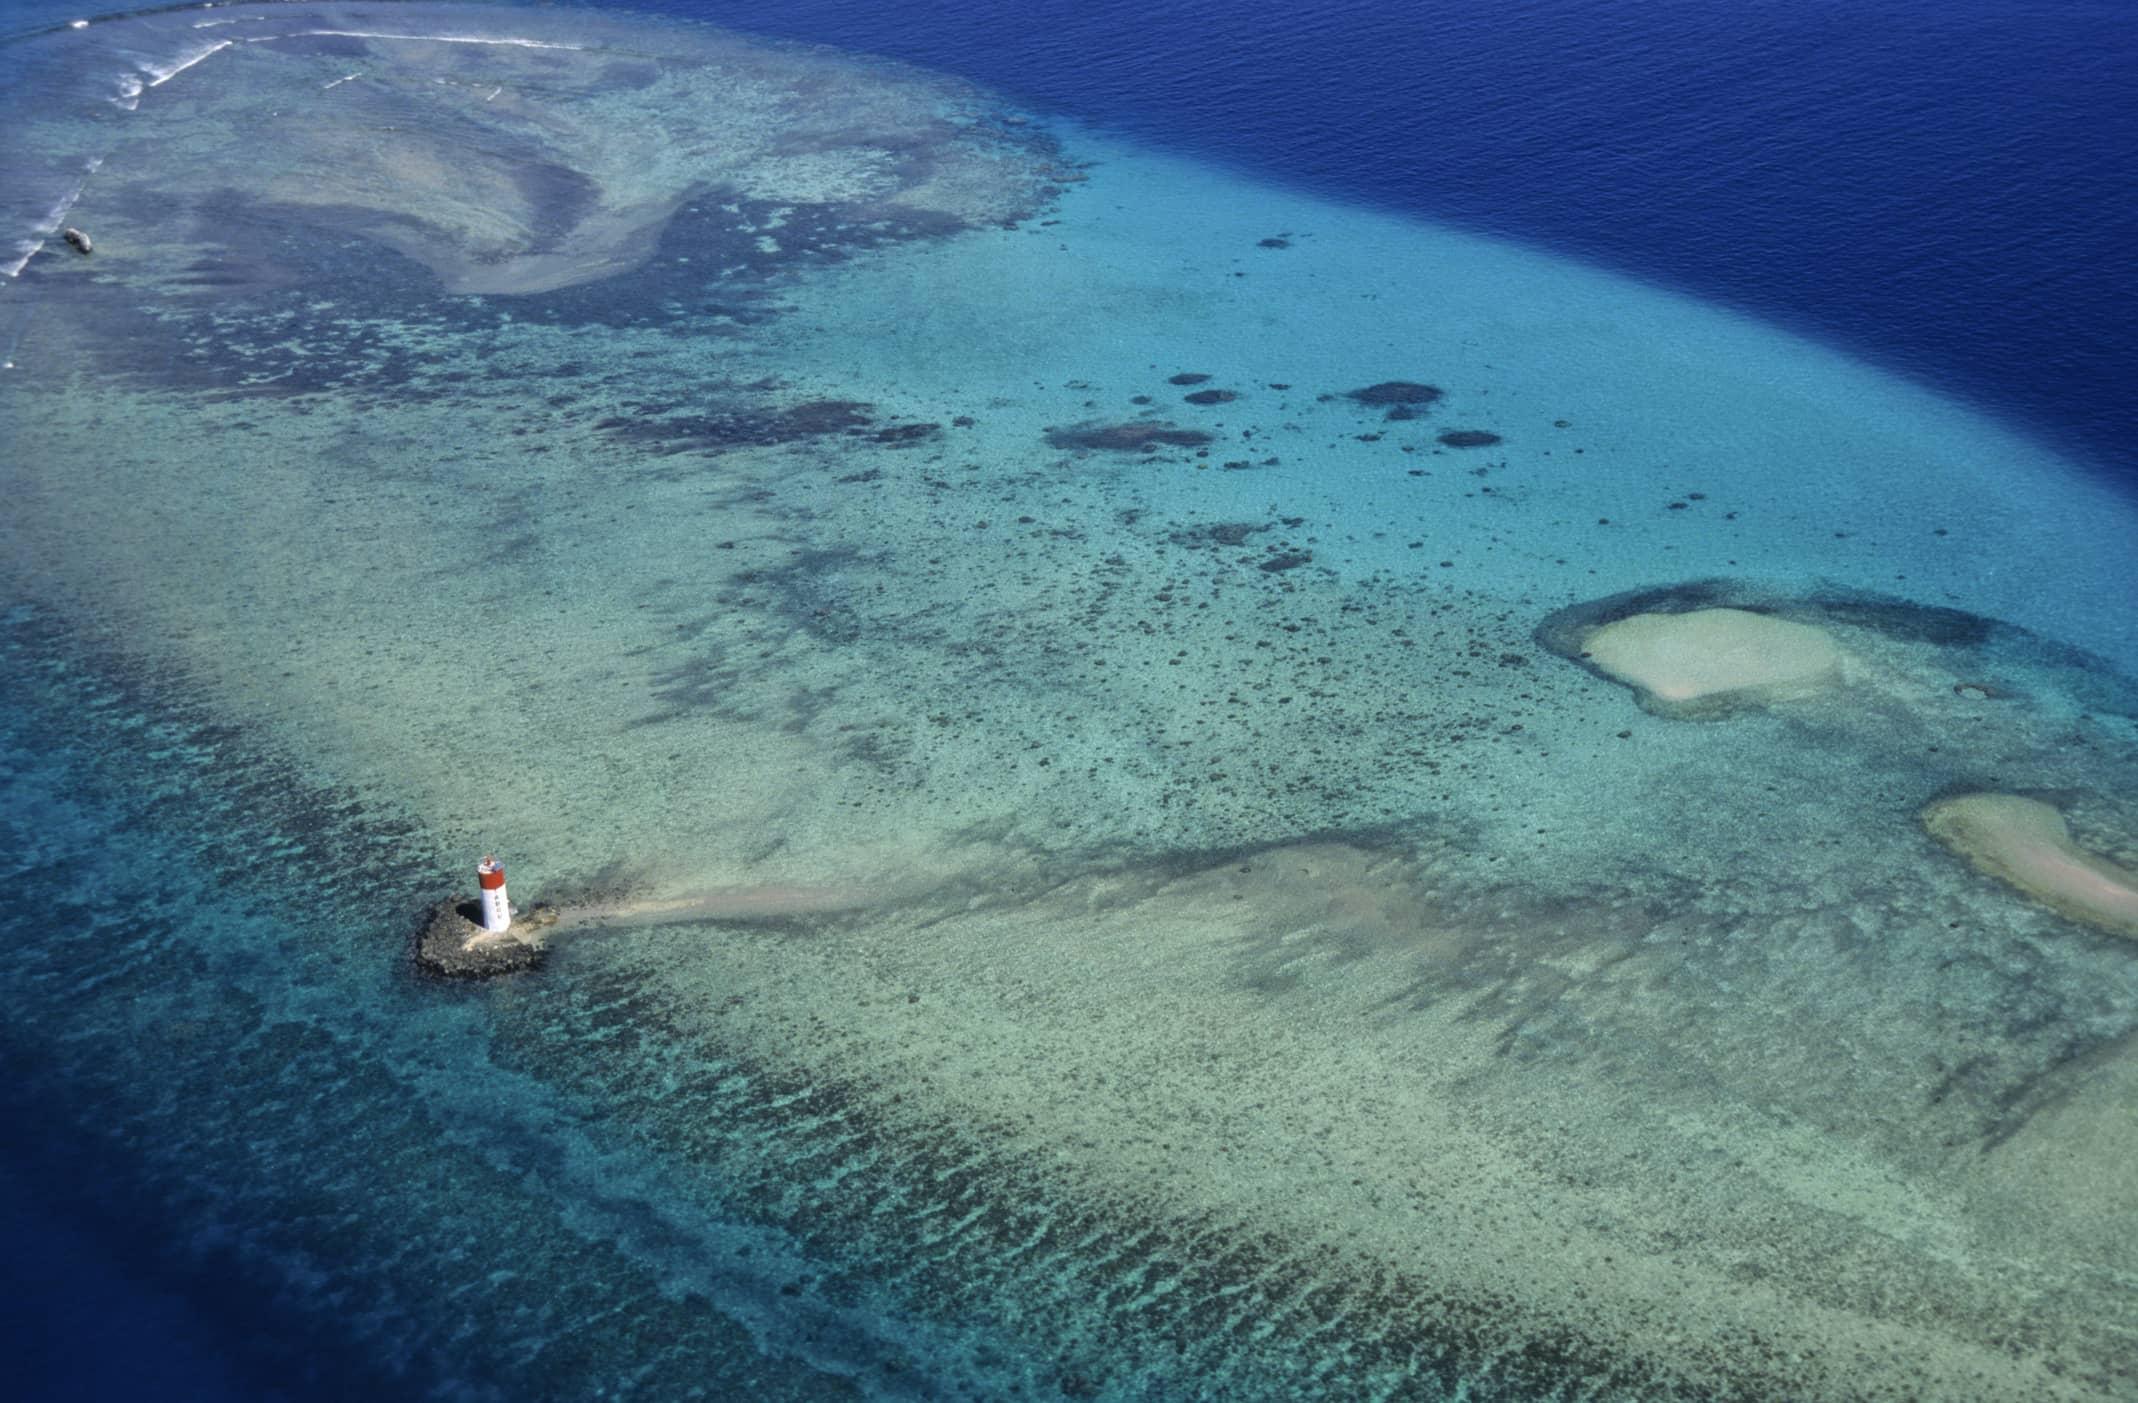 Vue aérienne sur le Grand Lagon Sud de Nouvelle-Calédonie